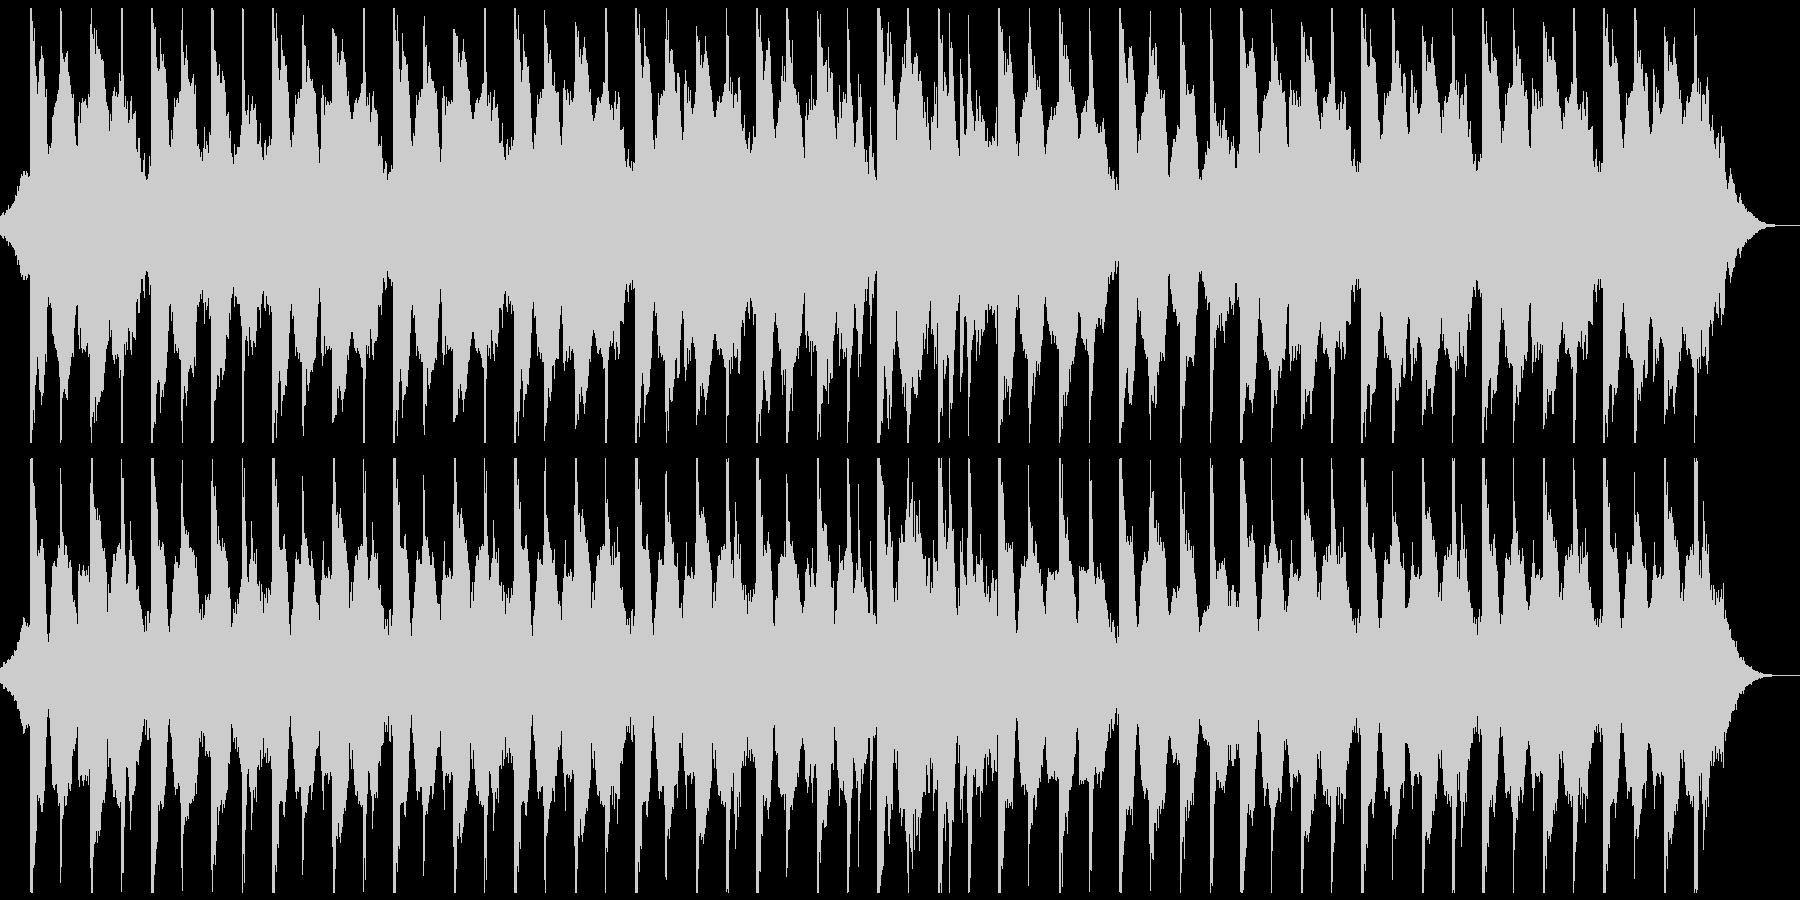 躍動感,オシャレCM、ドラム&ギター無しの未再生の波形